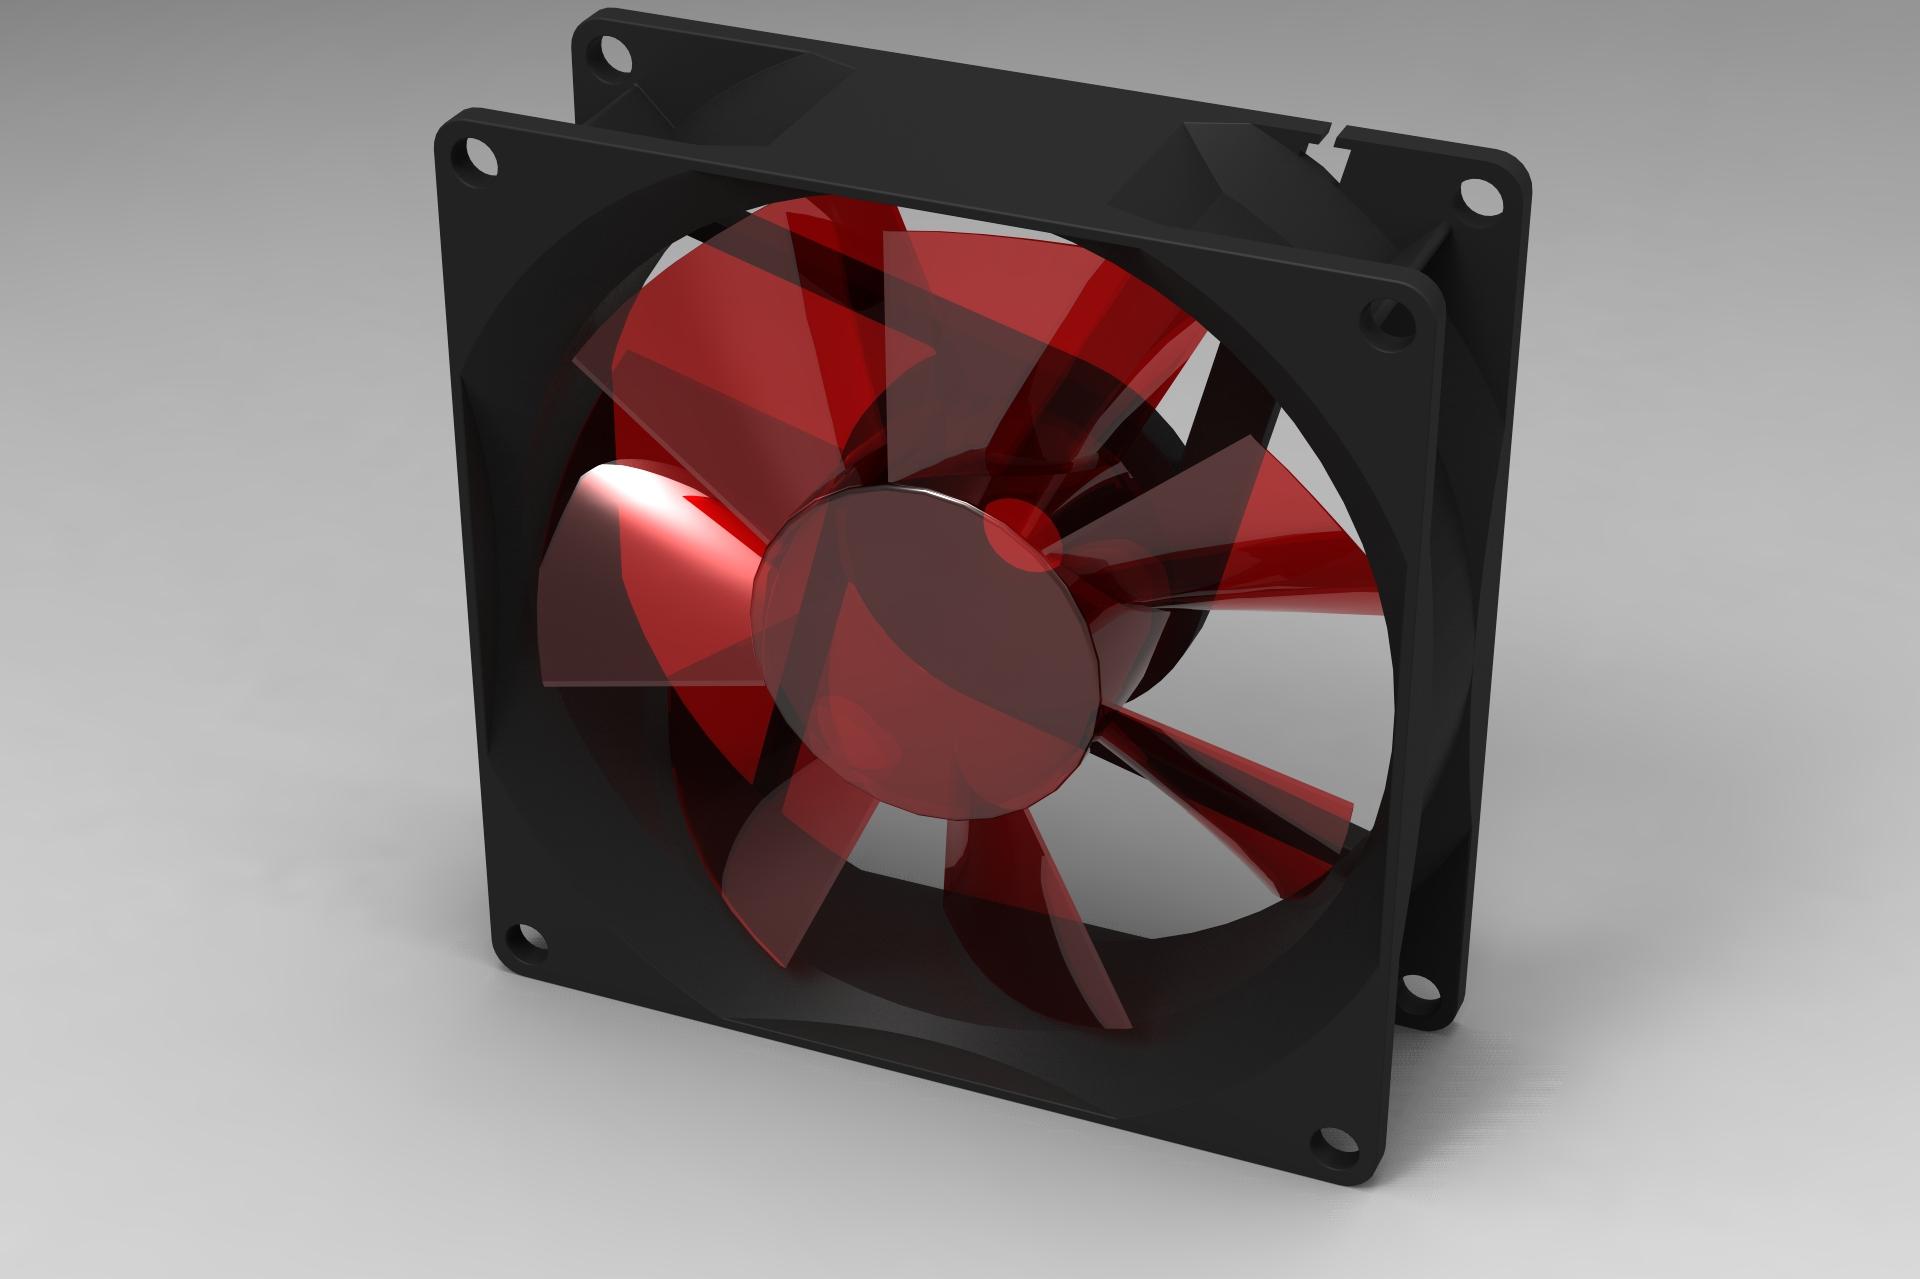 用SolidWorks画一个电脑风扇,让你的电脑也凉爽过夏天